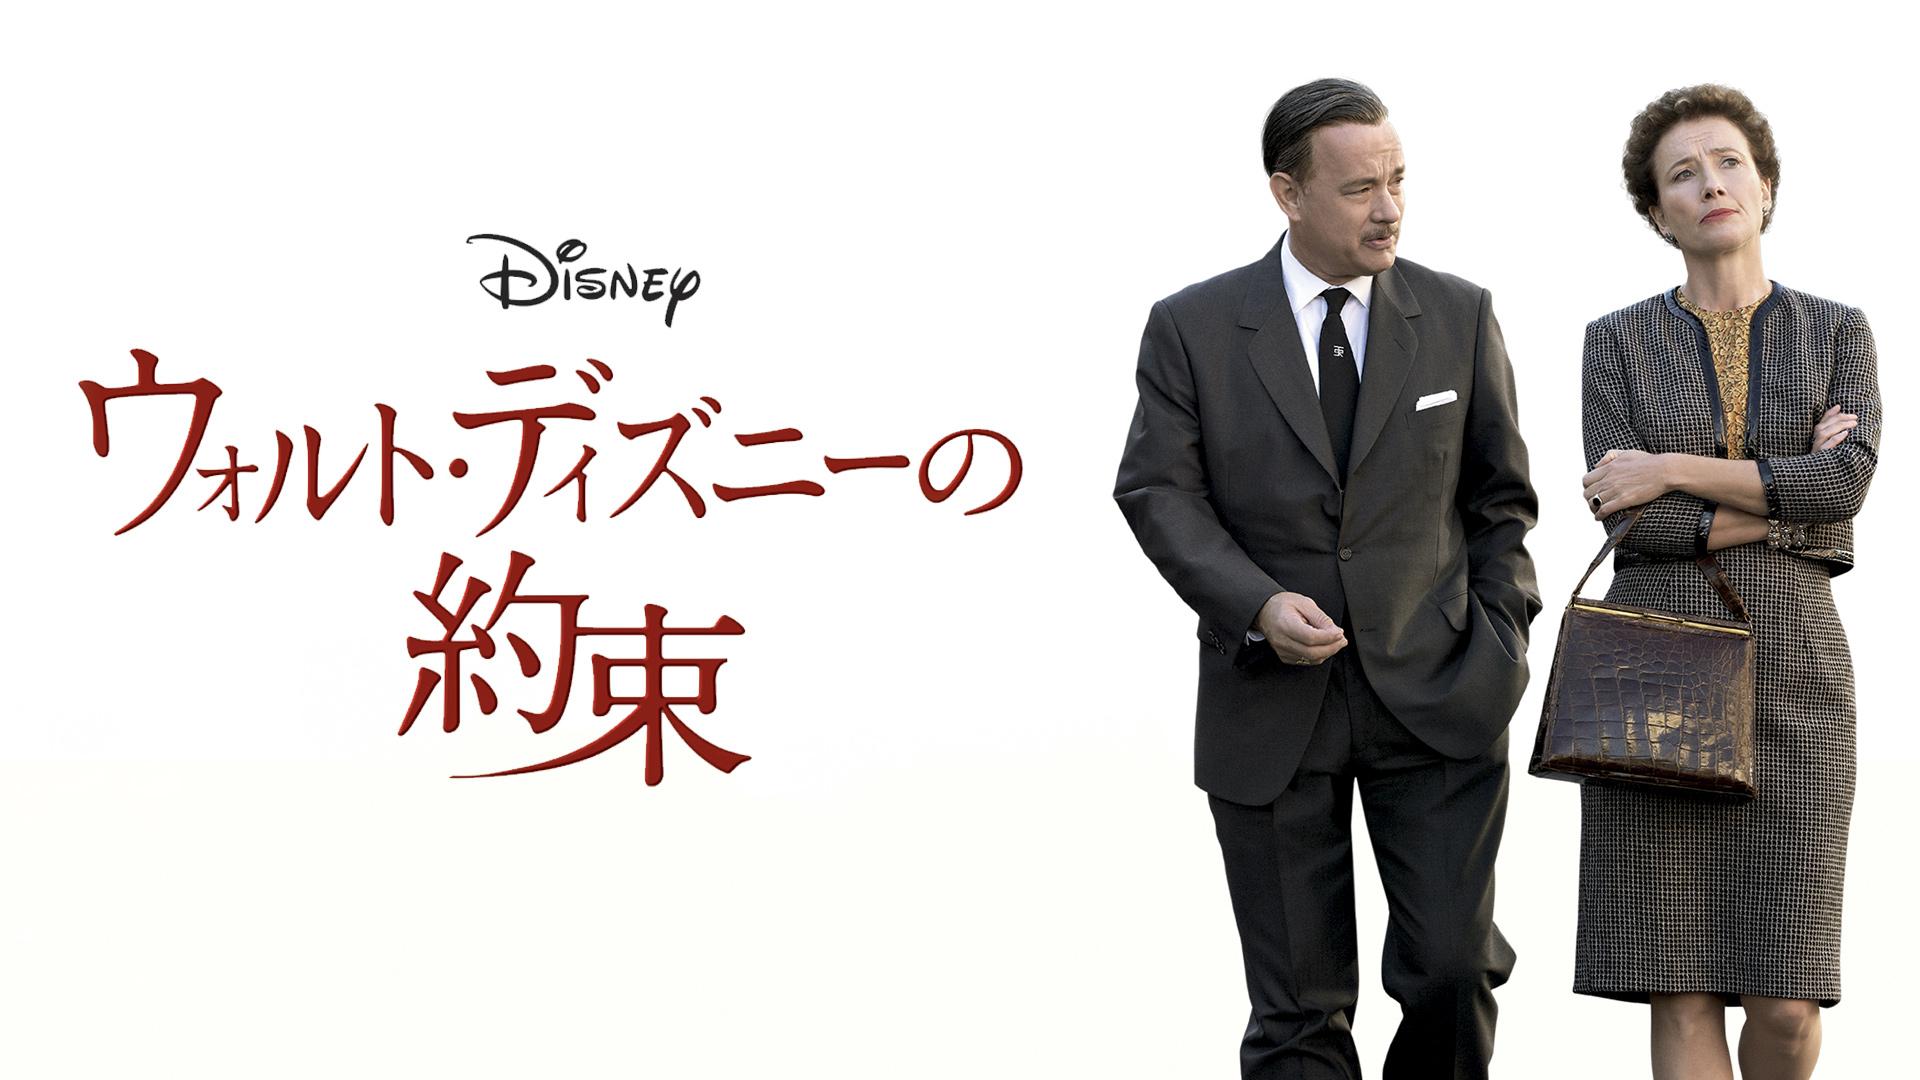 ウォルト・ディズニーの約束 (字幕版)